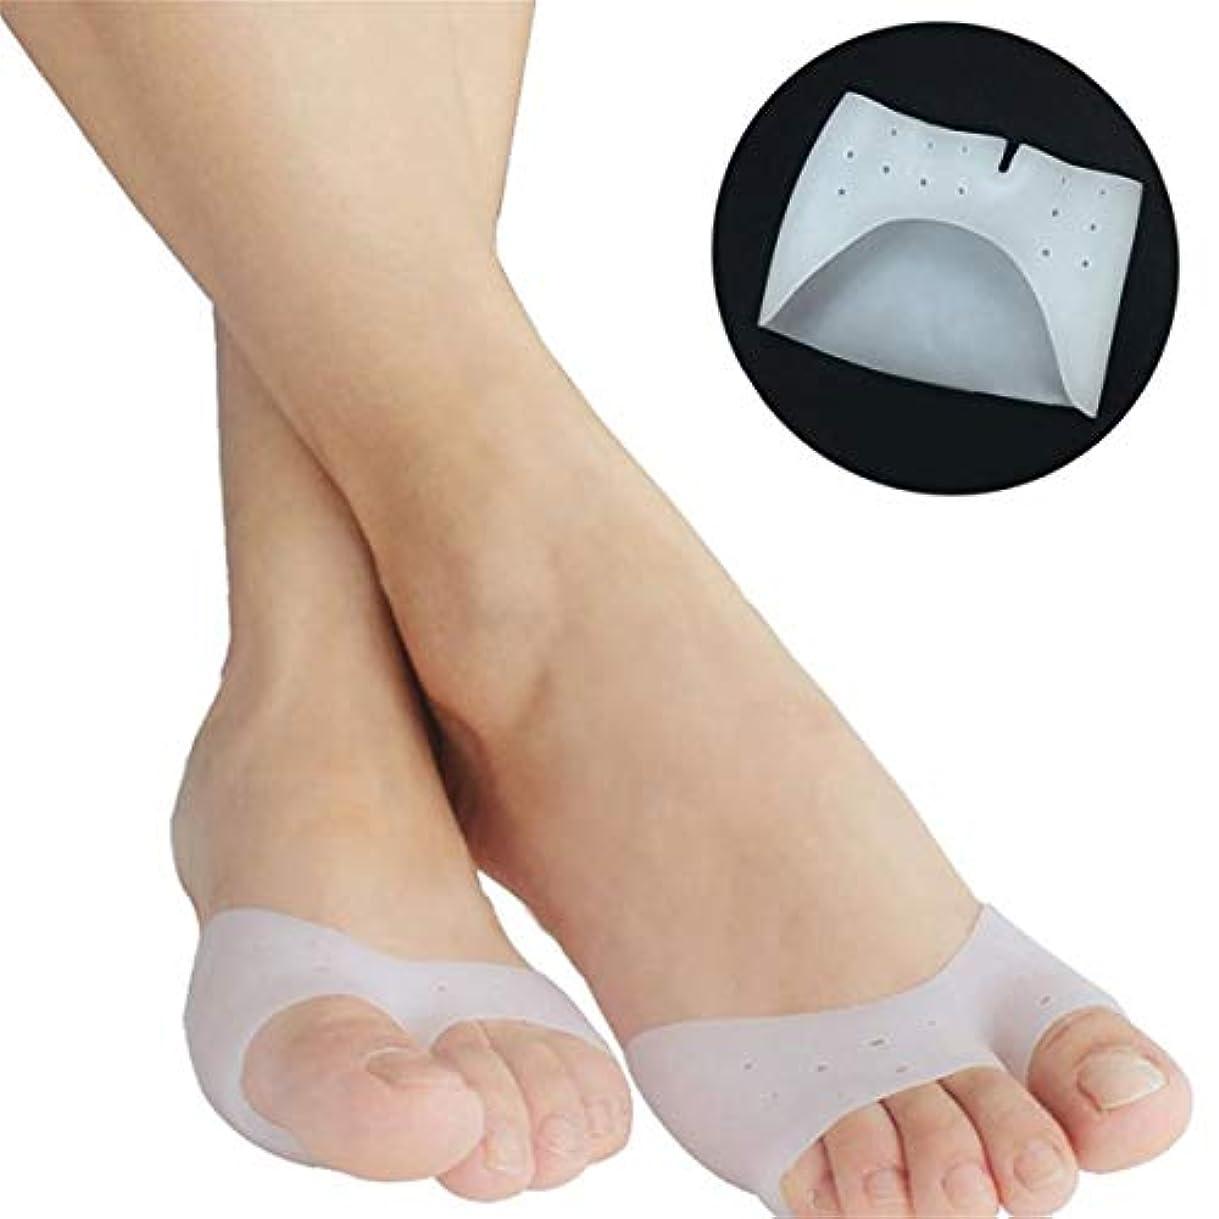 分類する砂利生まれ1 Pair Super Soft Silicone Toe Sleeve Ballet Shoe High Heels Toe Pads Gel Foot Care Tool For Foot Protecting Massage